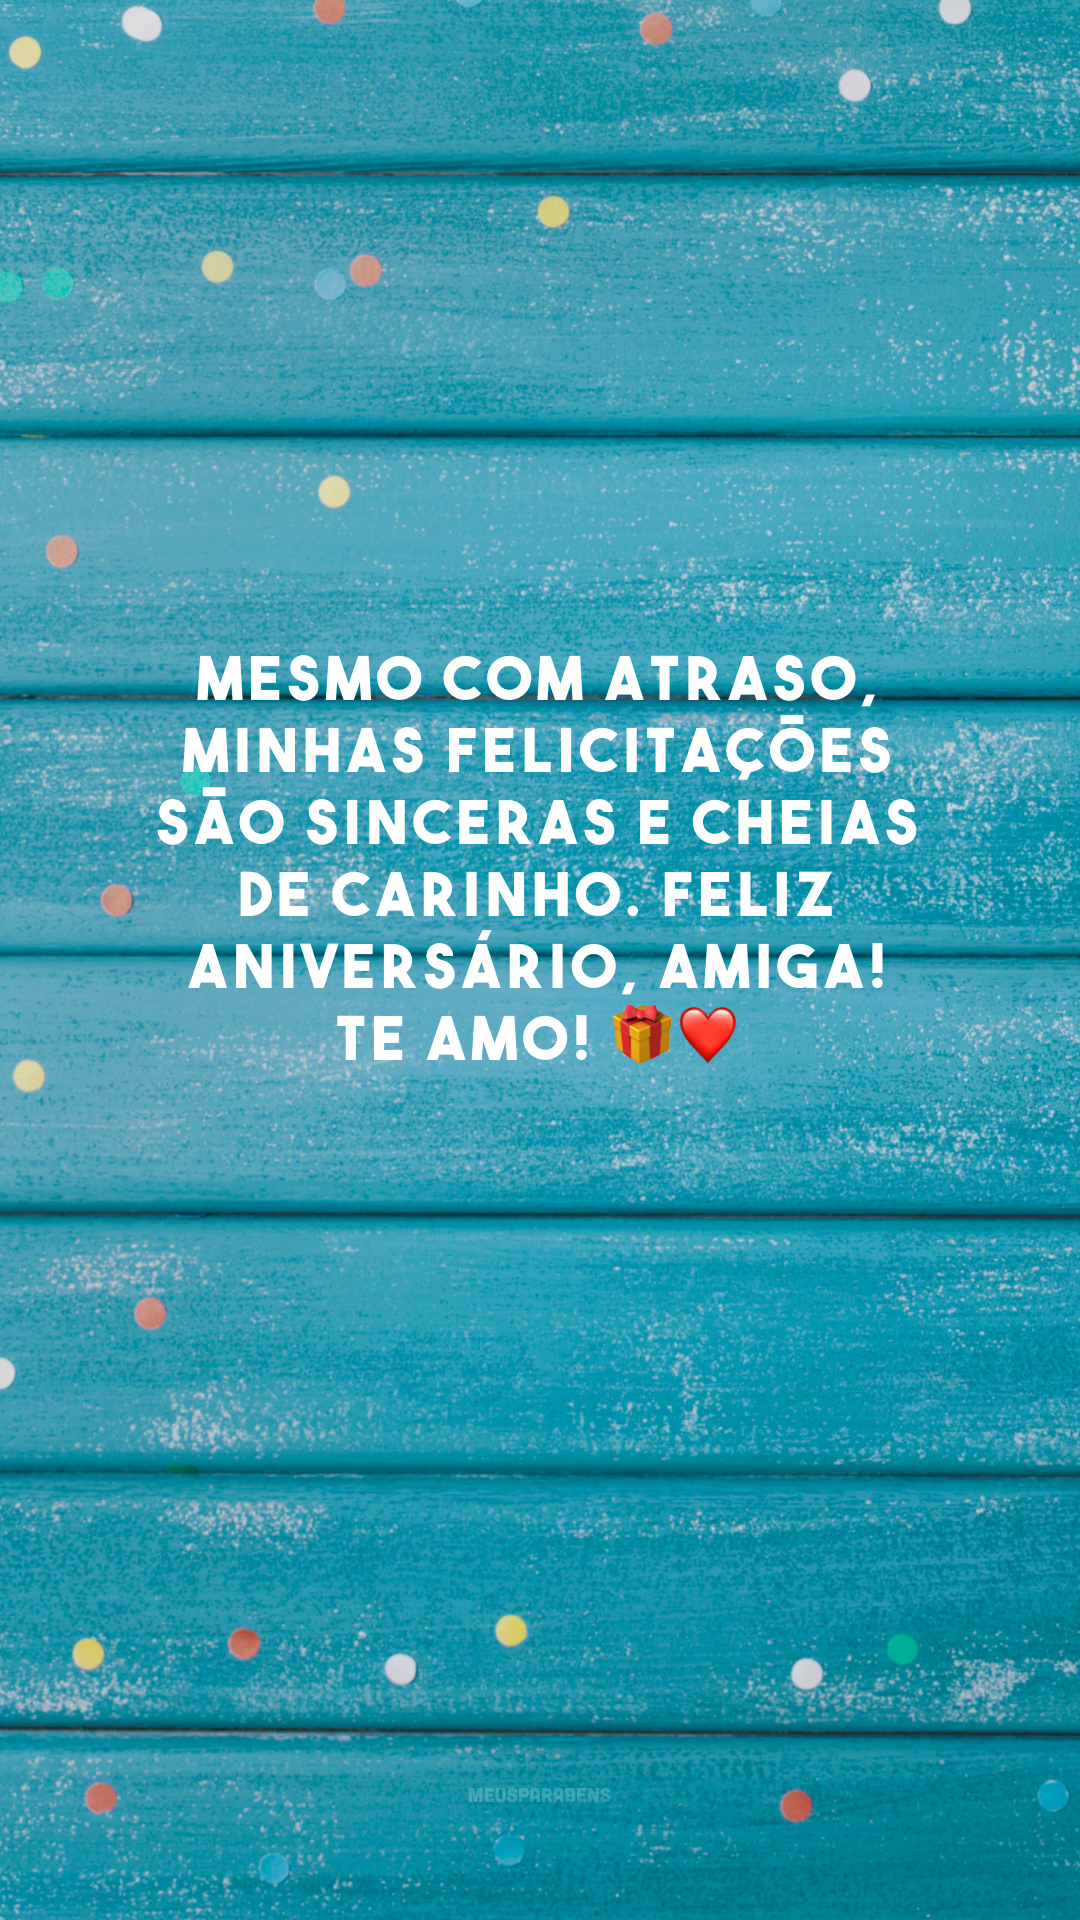 Mesmo com atraso, minhas felicitações são sinceras e cheias de carinho. Feliz aniversário, amiga! Te amo! 🎁❤️